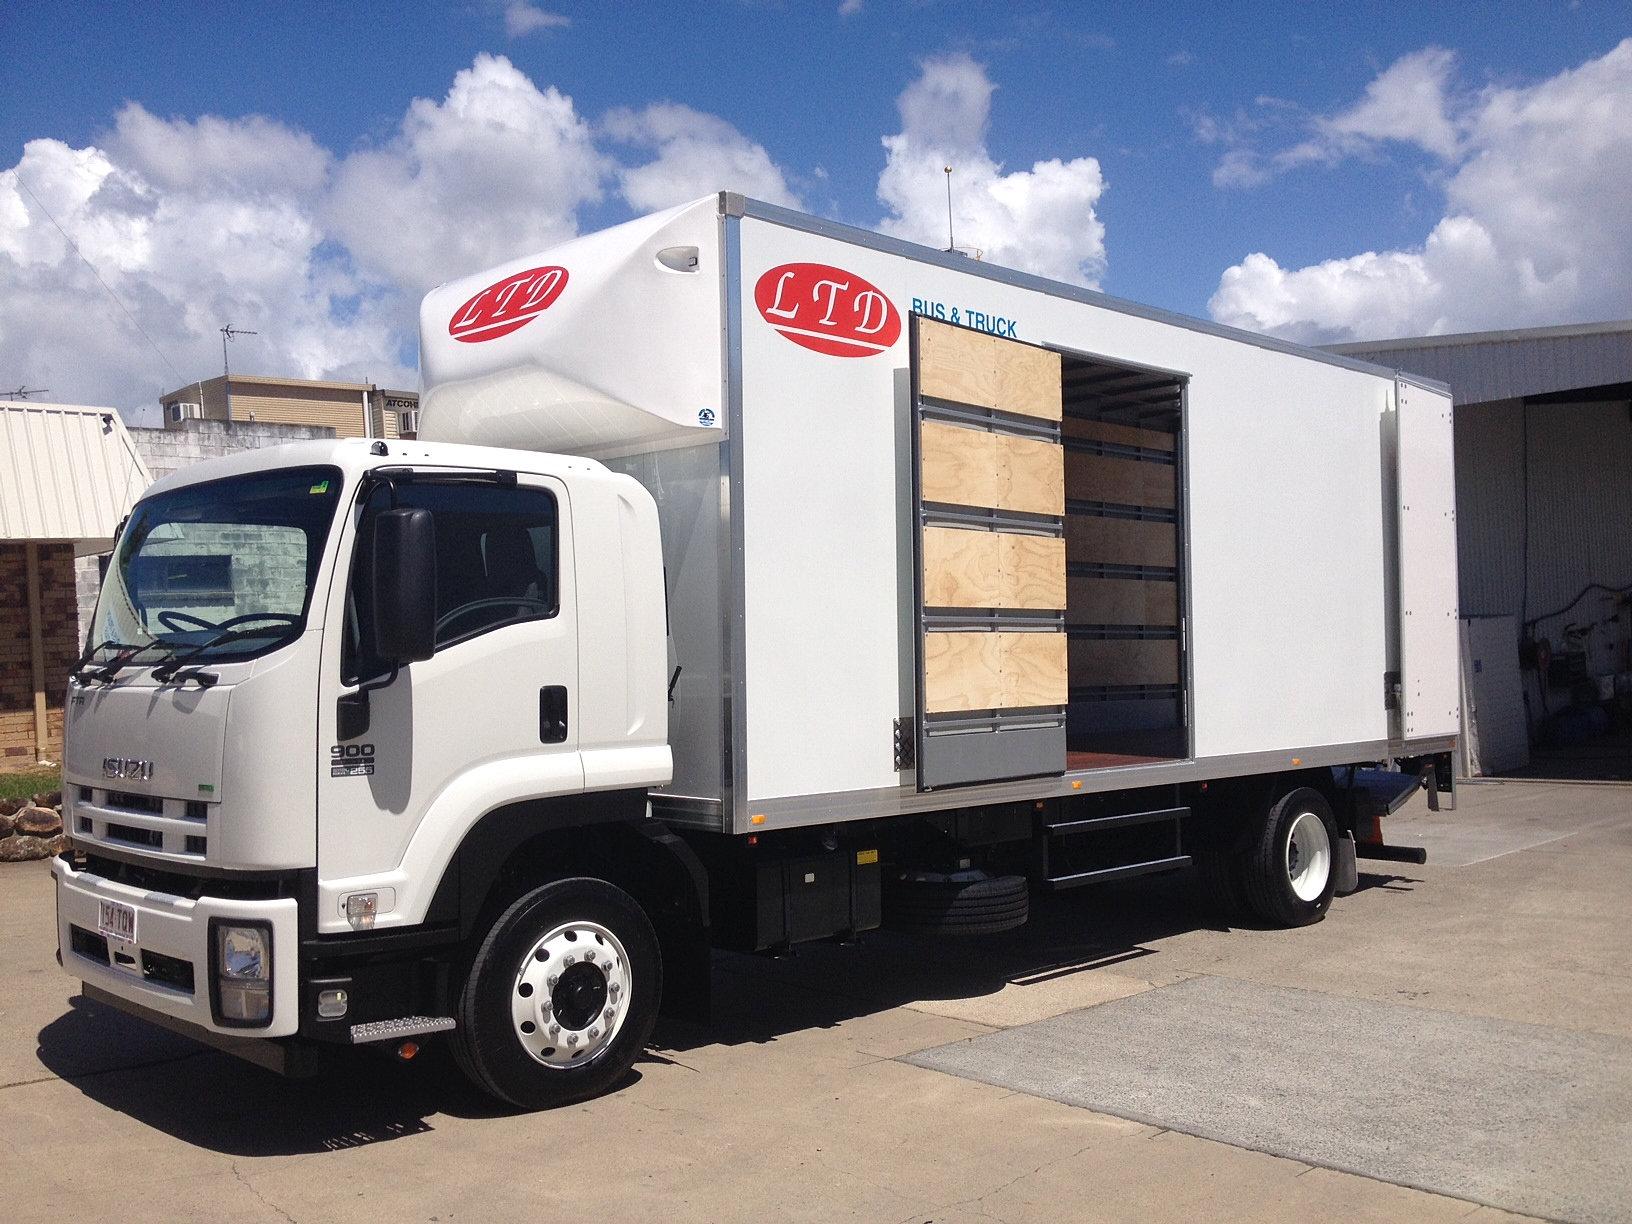 Rental Trucks For Moving >> LTD Rentals | 8 tonne truck 50m3